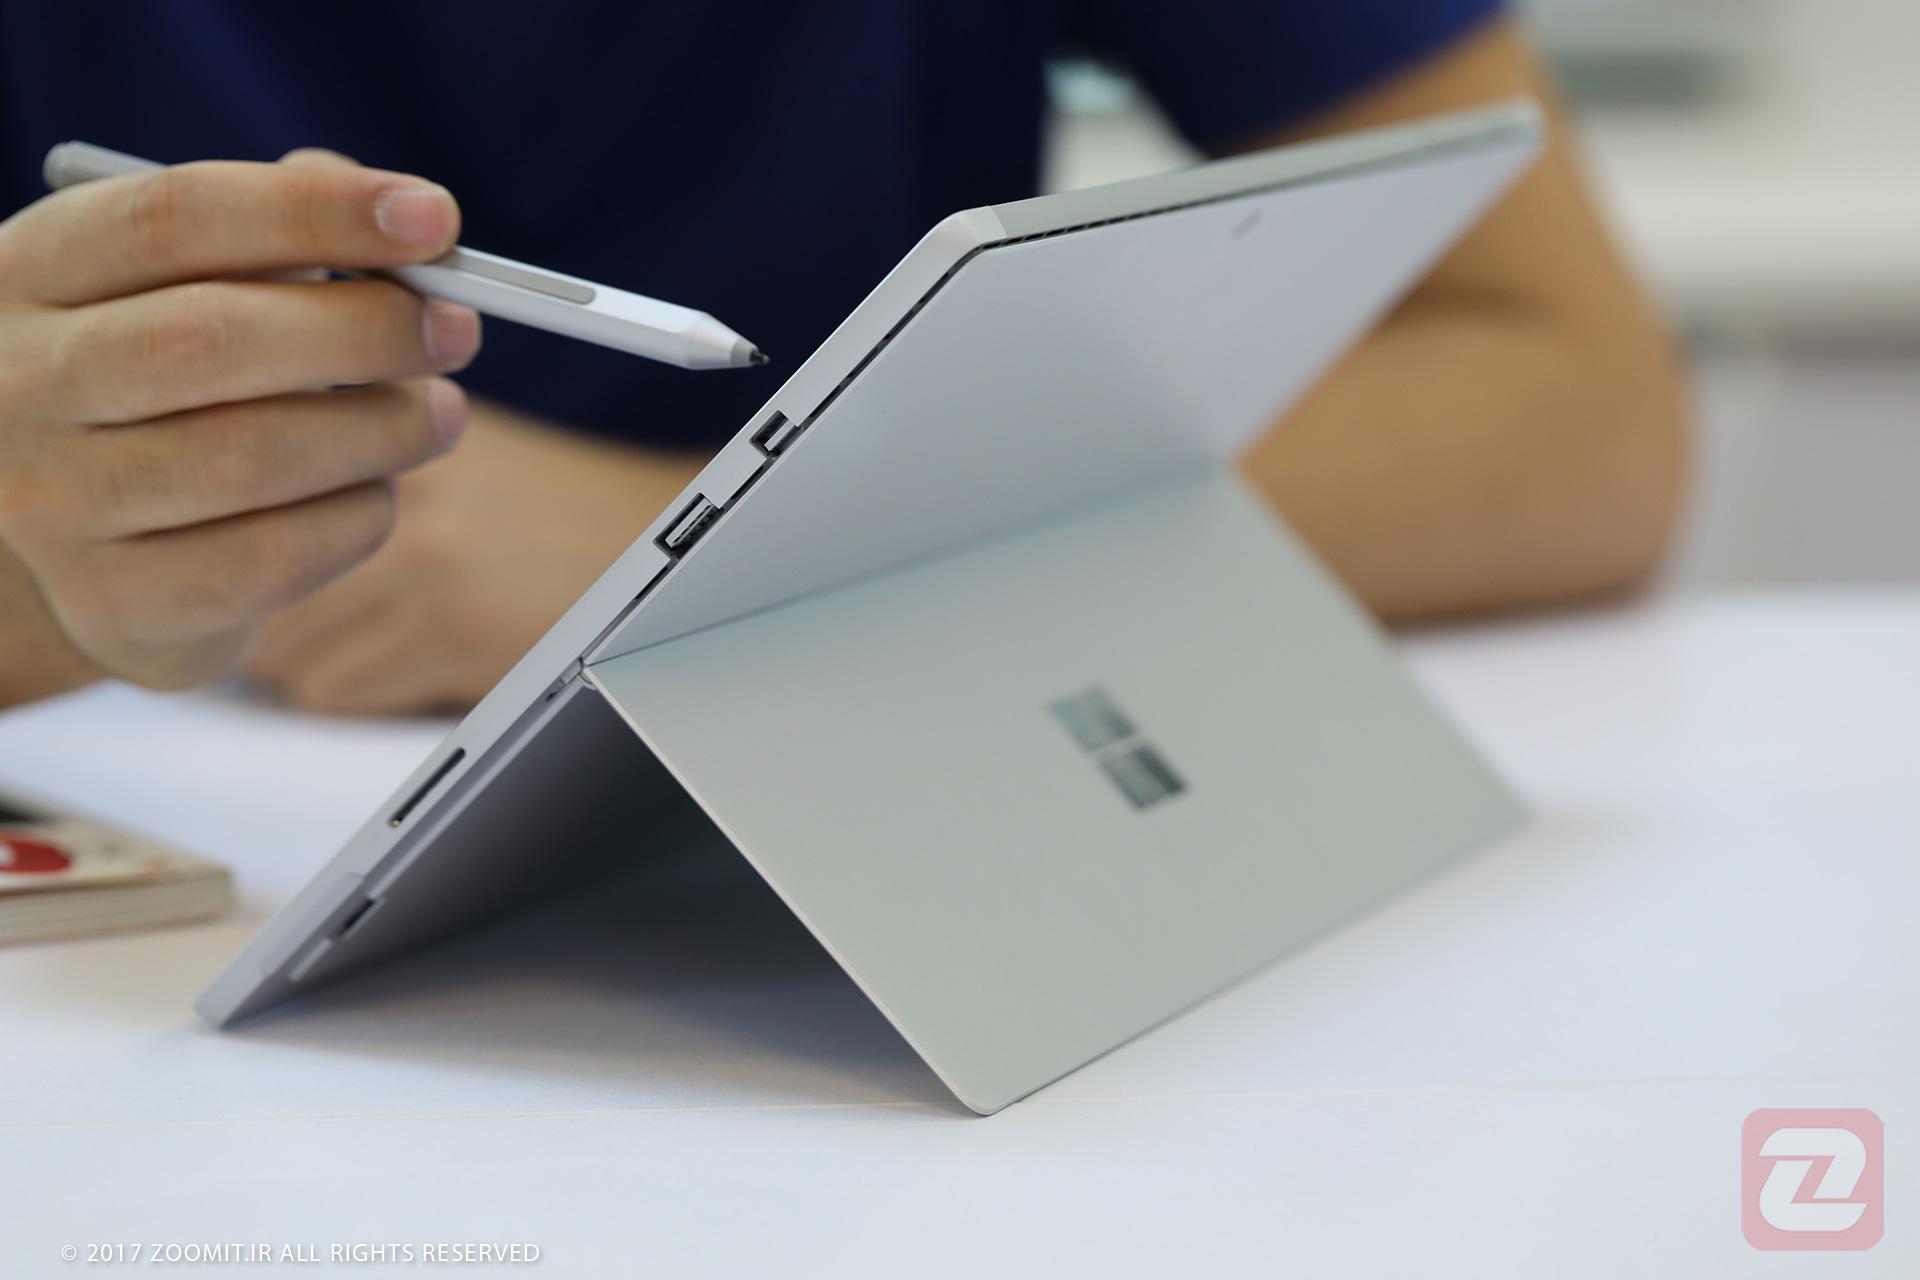 پتنت جدید مایکروسافت خبر از طراحی سرفیس پرو با کیبورد باریکتر میدهد